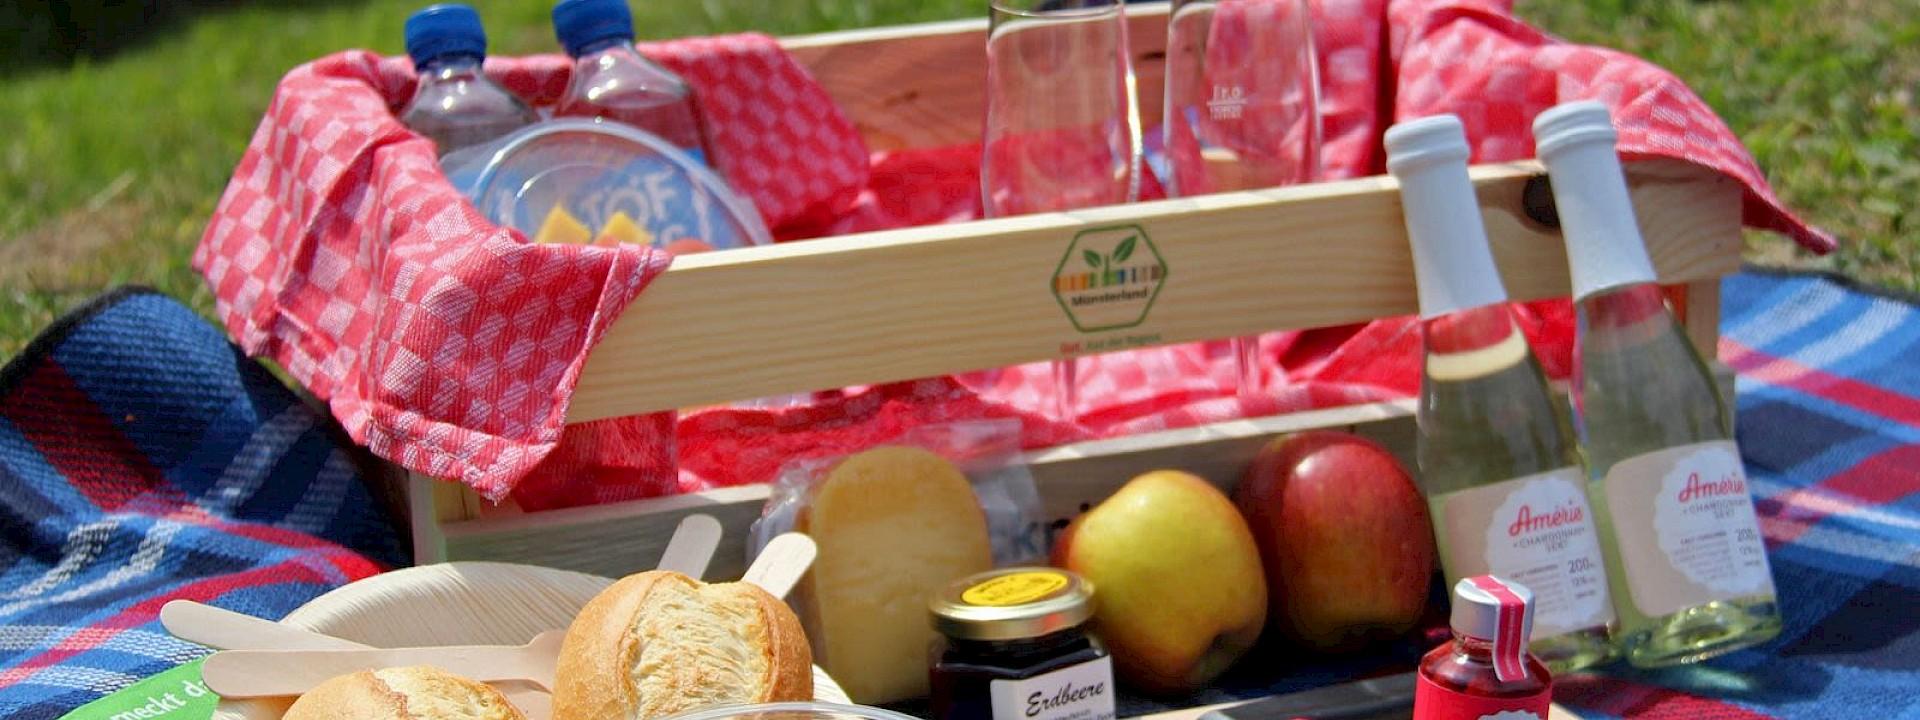 Dein Picknickkorb - bis vor die Haustür Picknick vom Münsterland-Siegel